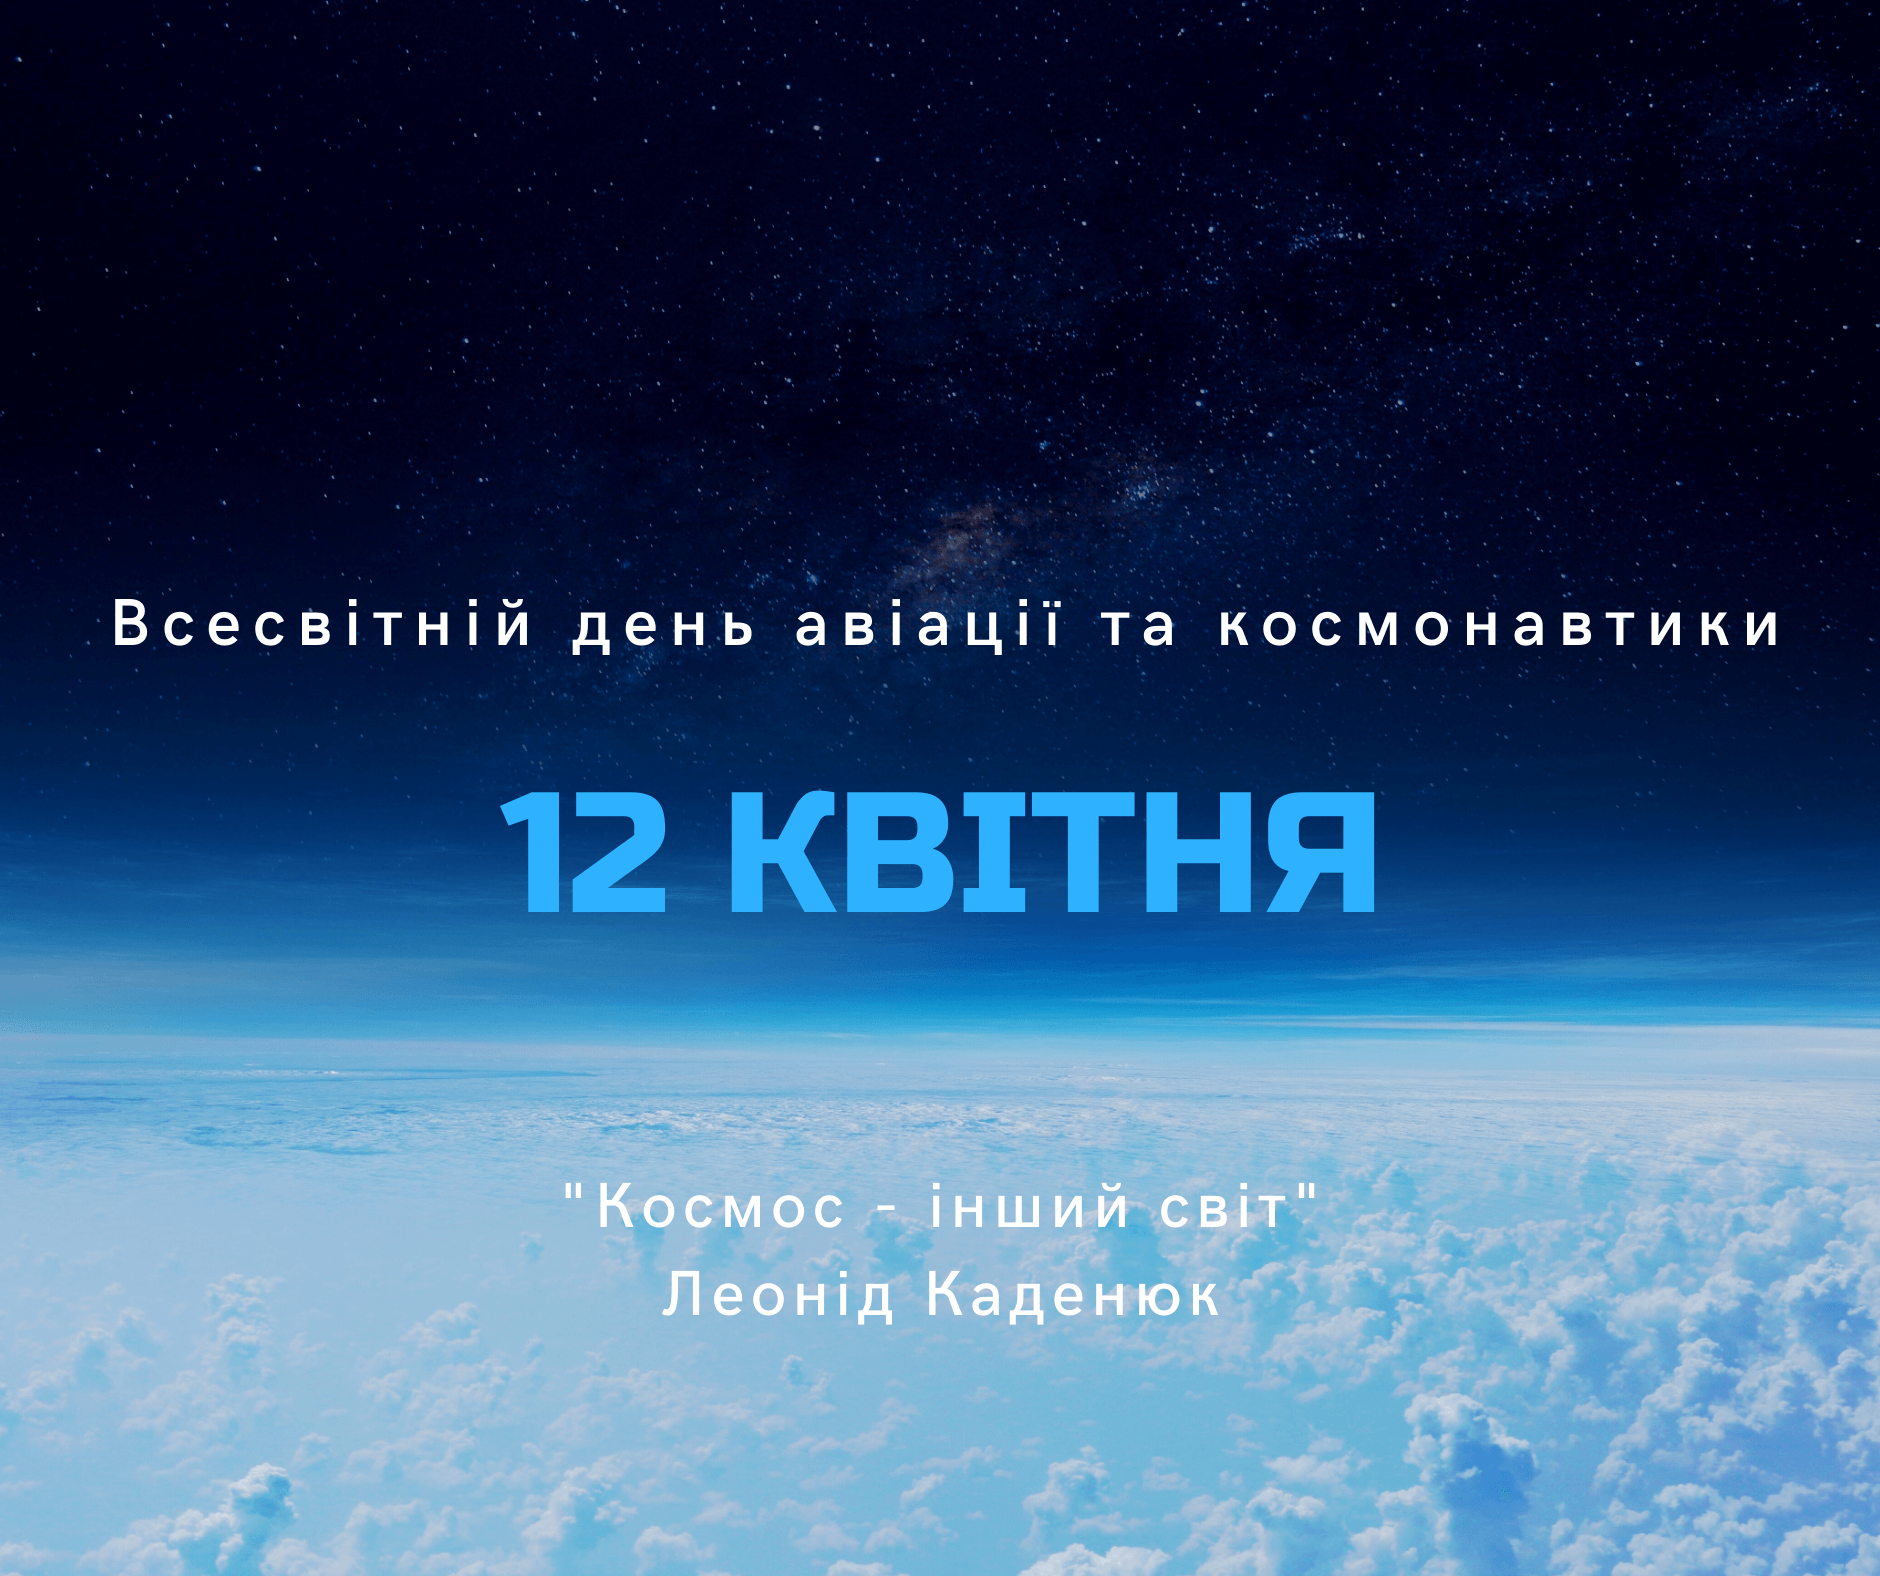 Сьогодні Всесвітній день авіації і космонавтики!